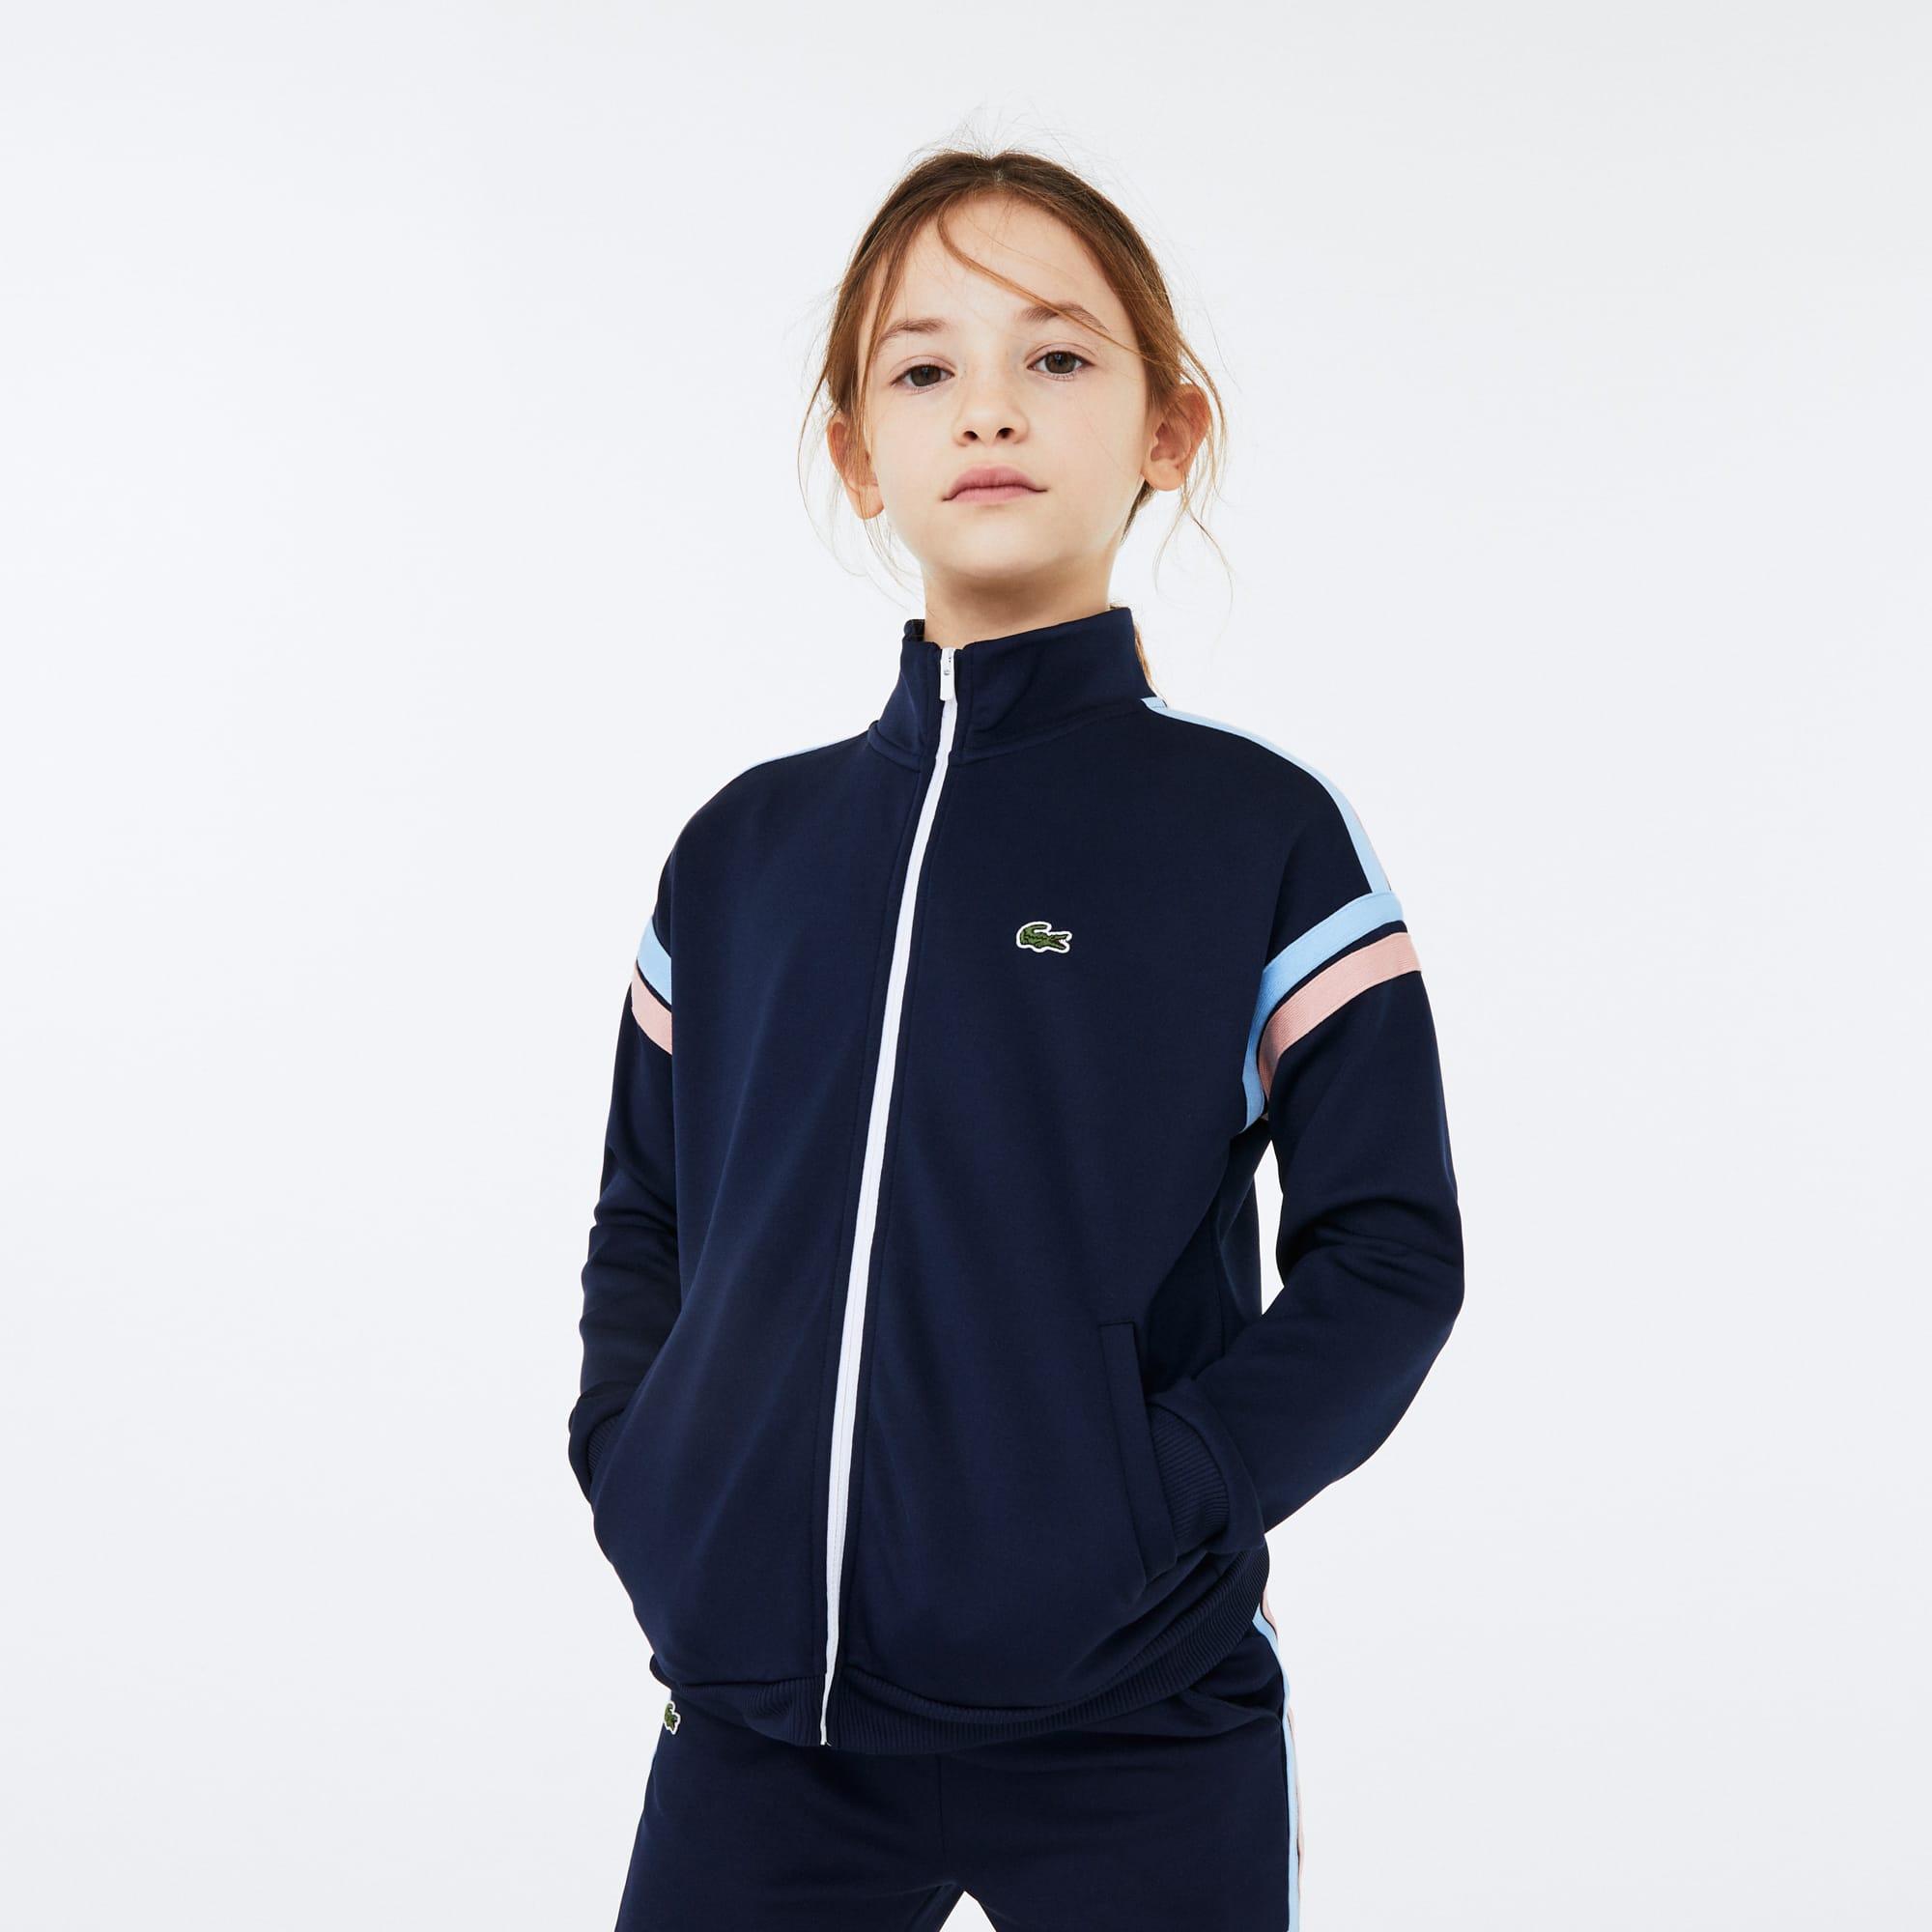 라코스테 Lacoste Girls Striped Band Zippered Sweatshirt,Navy Blue / White / Pink / Blue • ACY